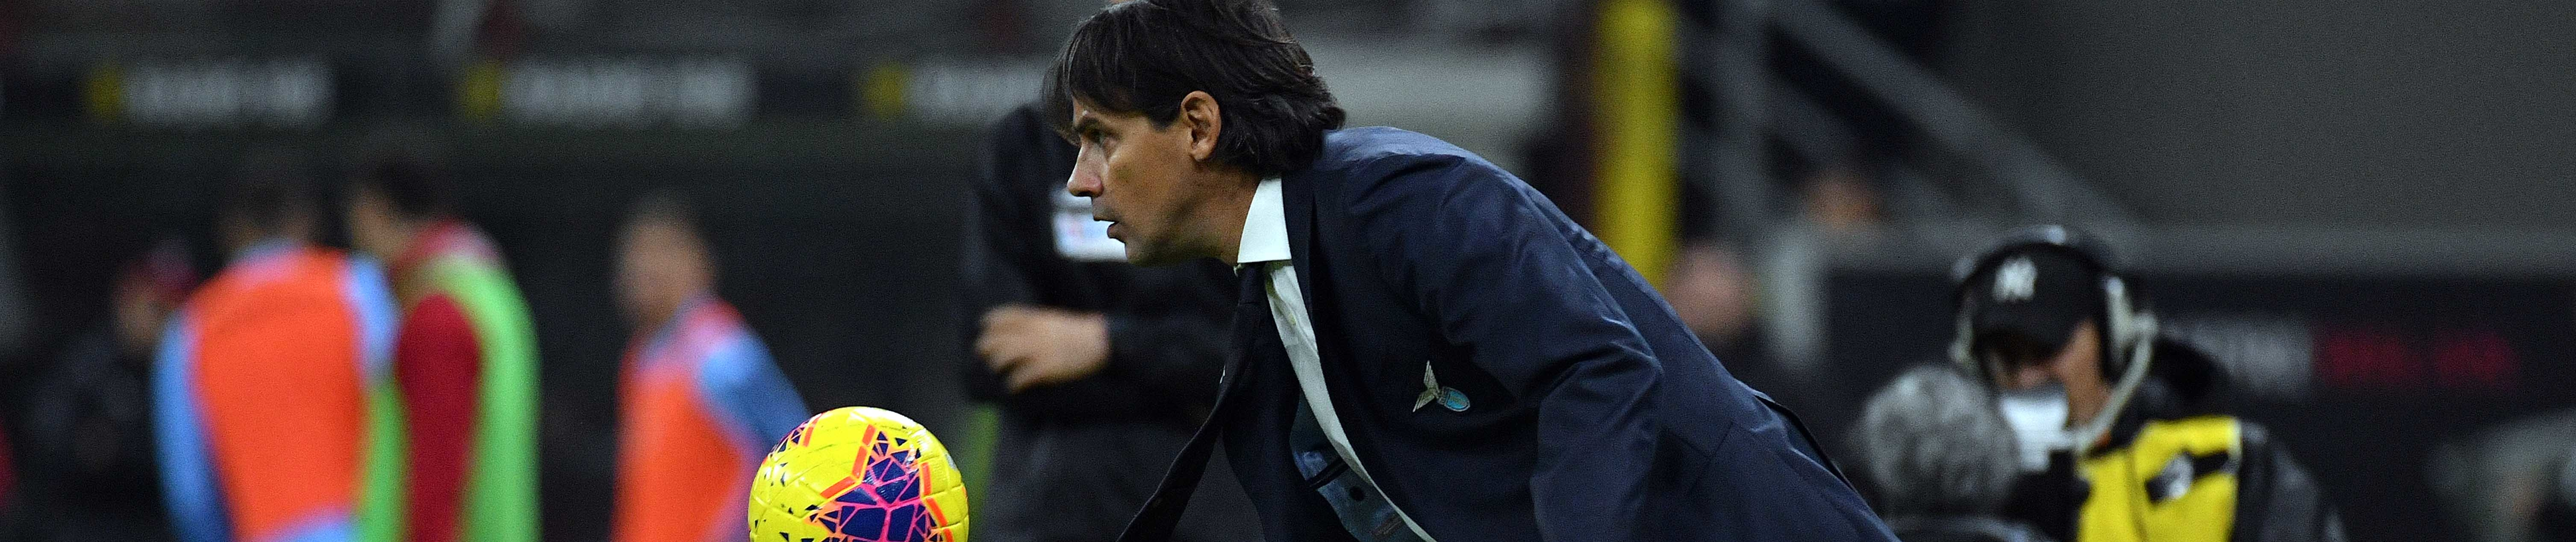 Lazio-Celtic: Inzaghi deve vincere per riportare il destino nelle mani della Lazio